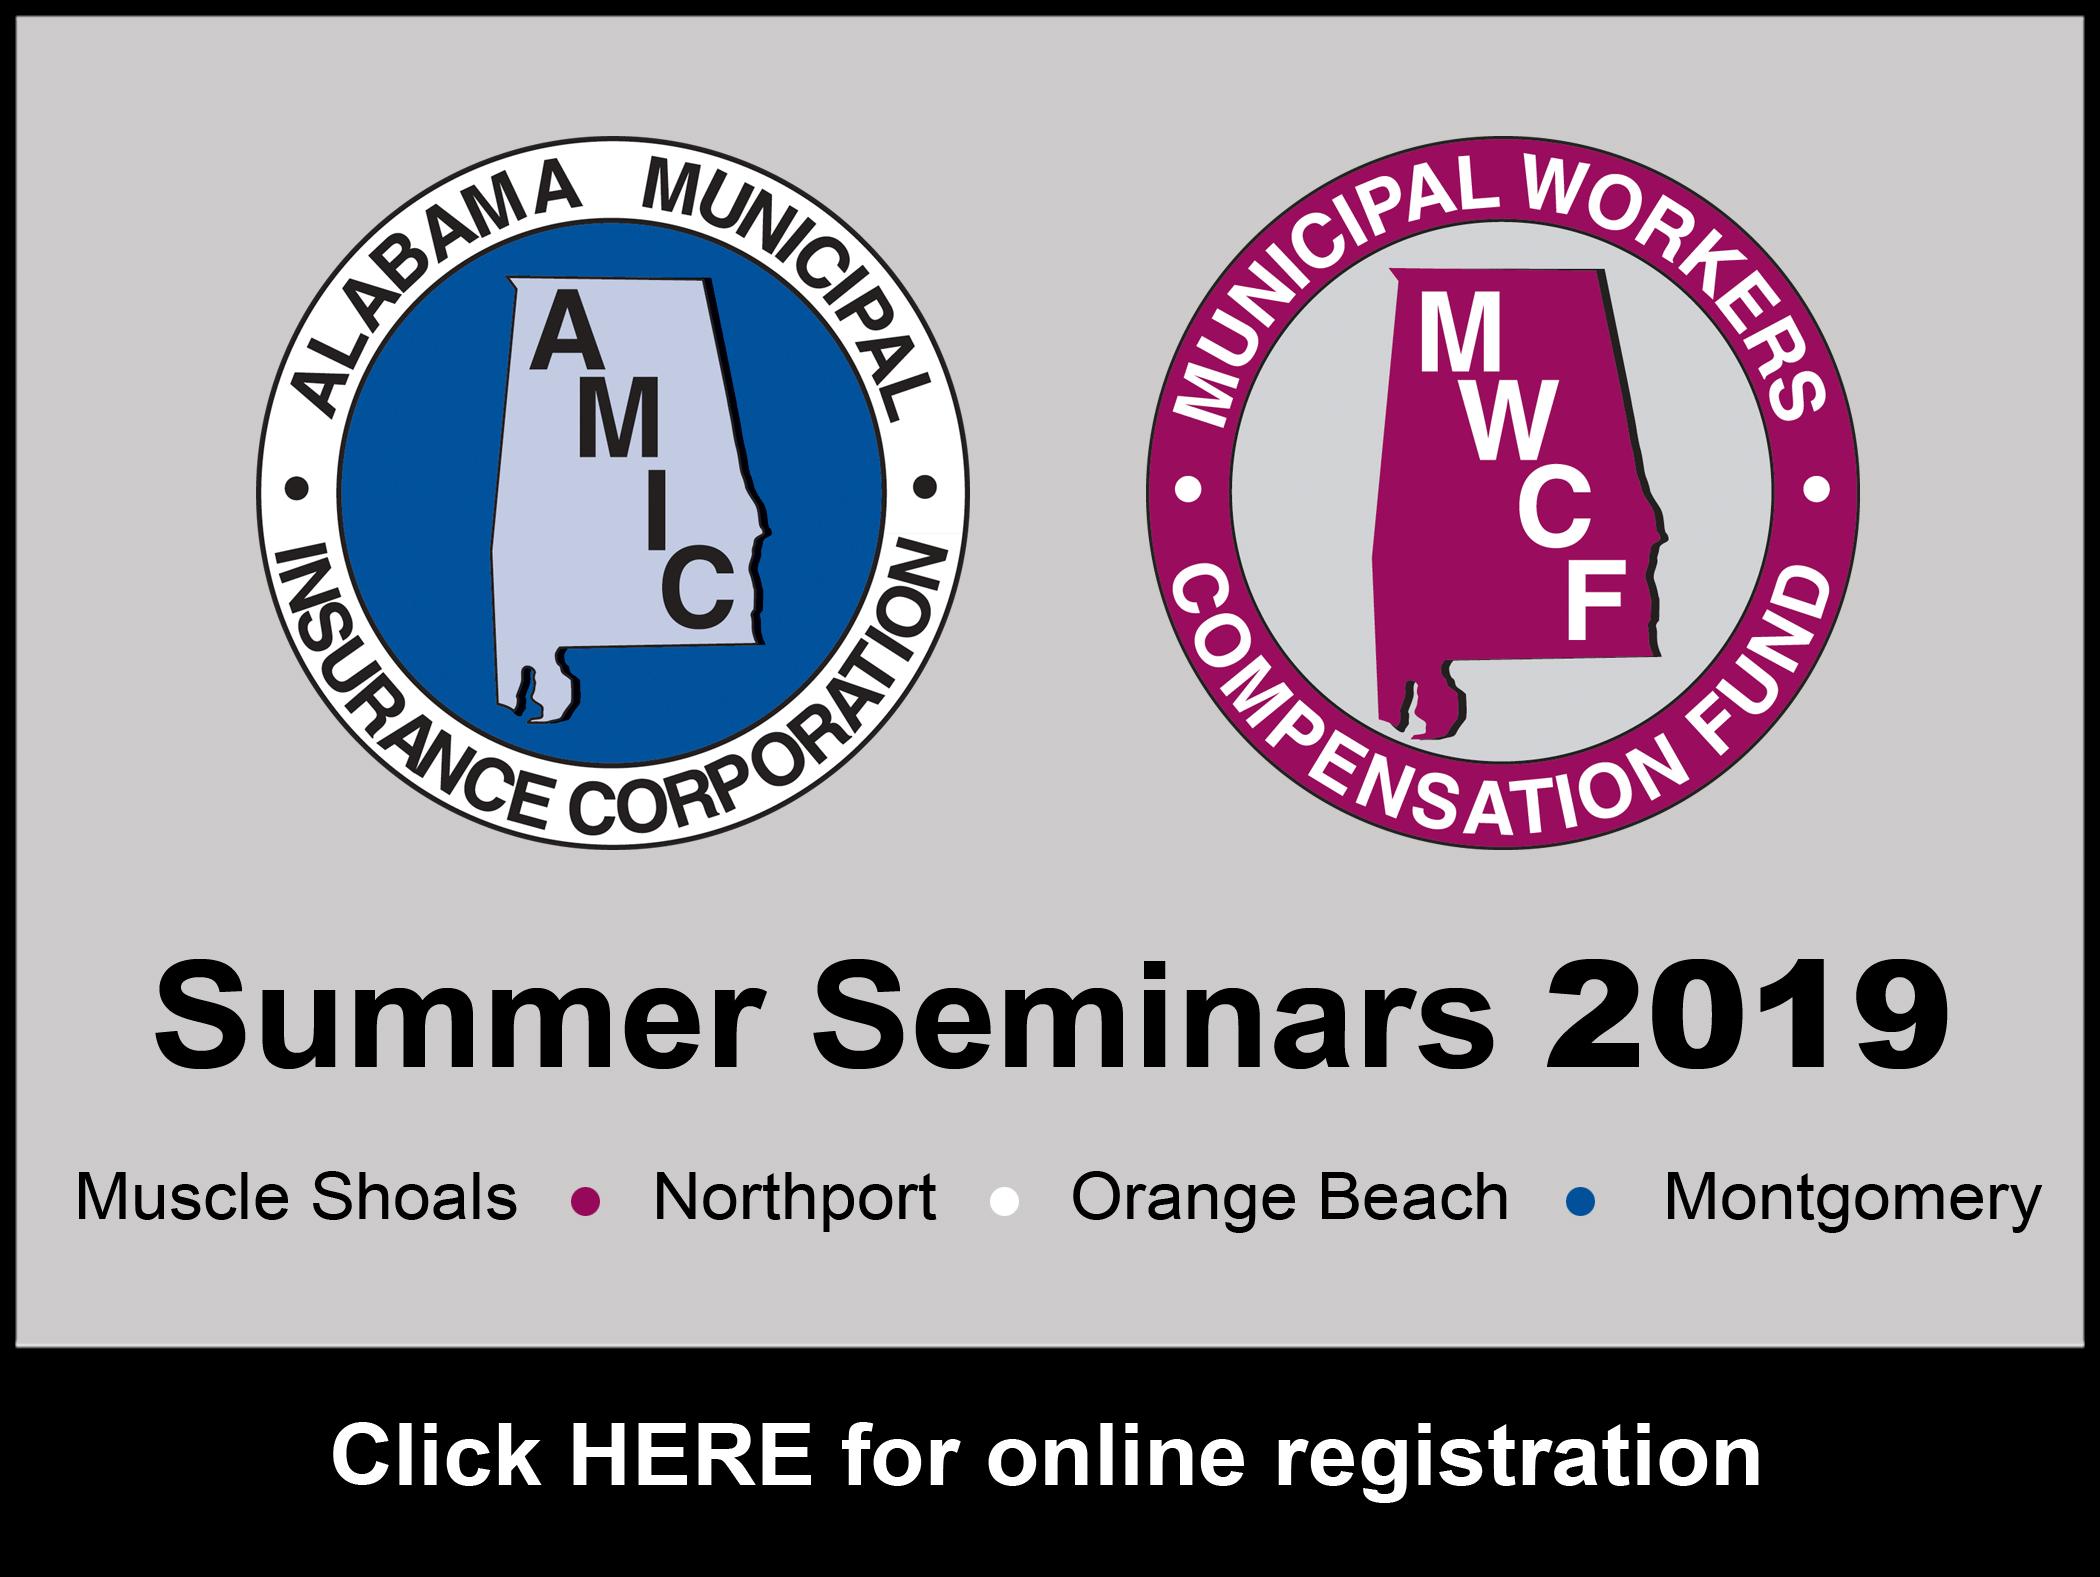 Summer Seminars 2019